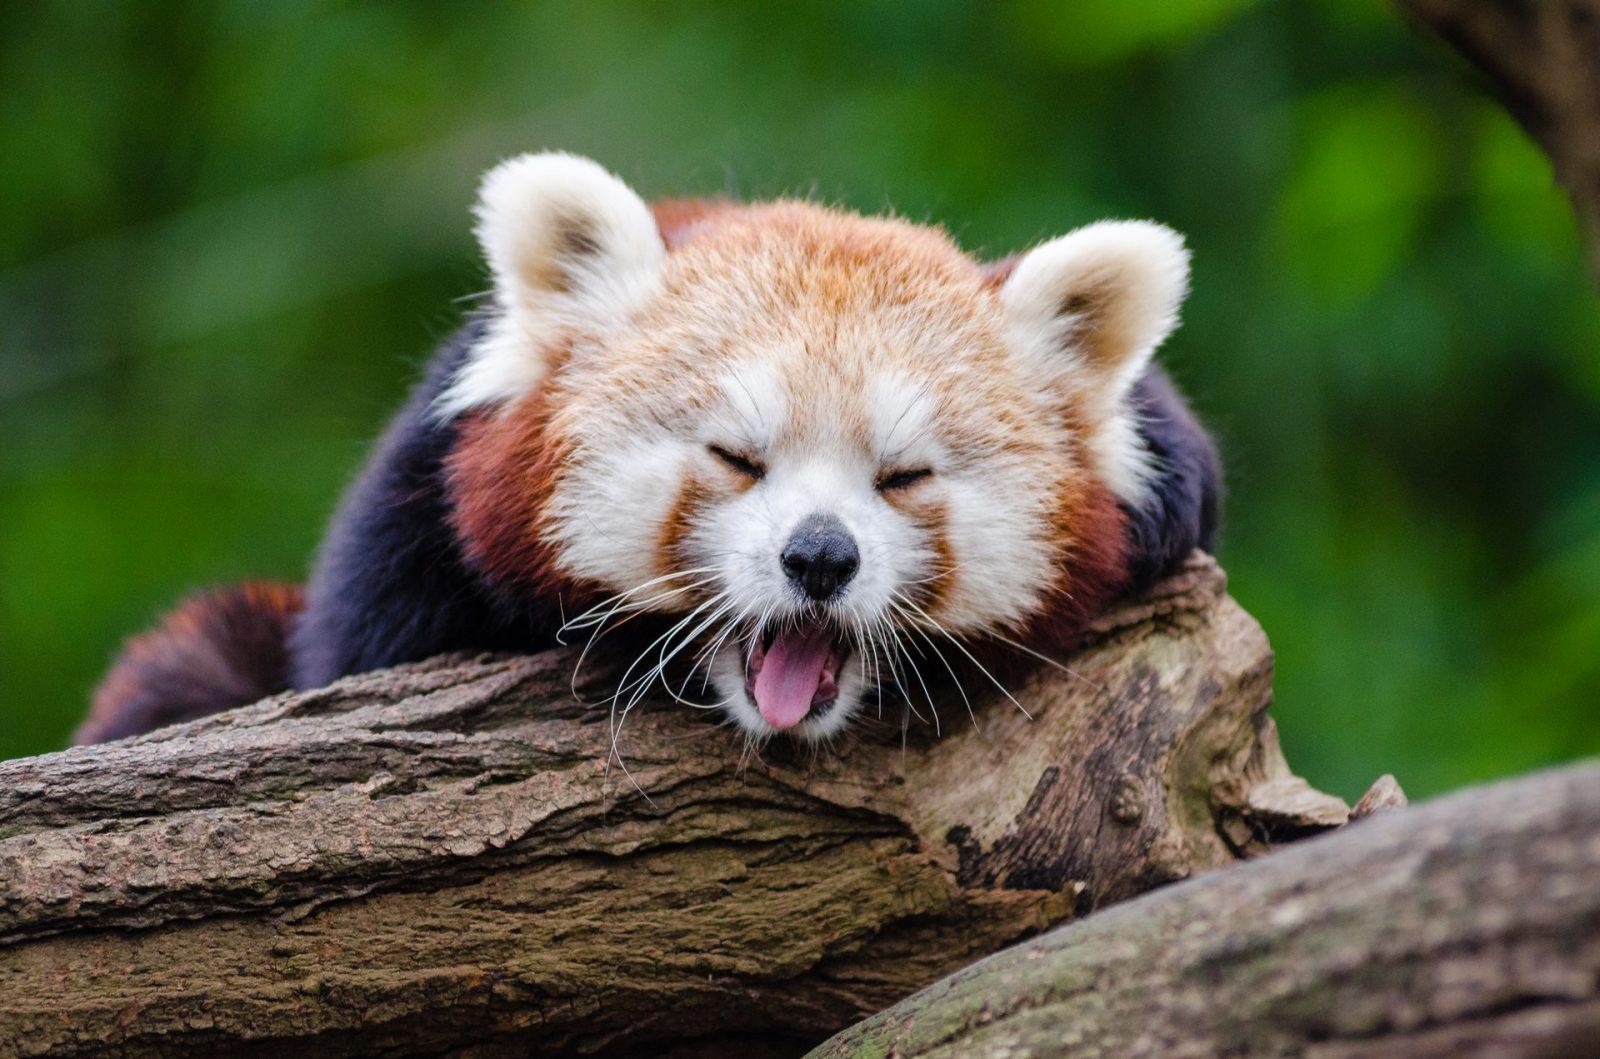 O panda vermelho é tímido e solitário.